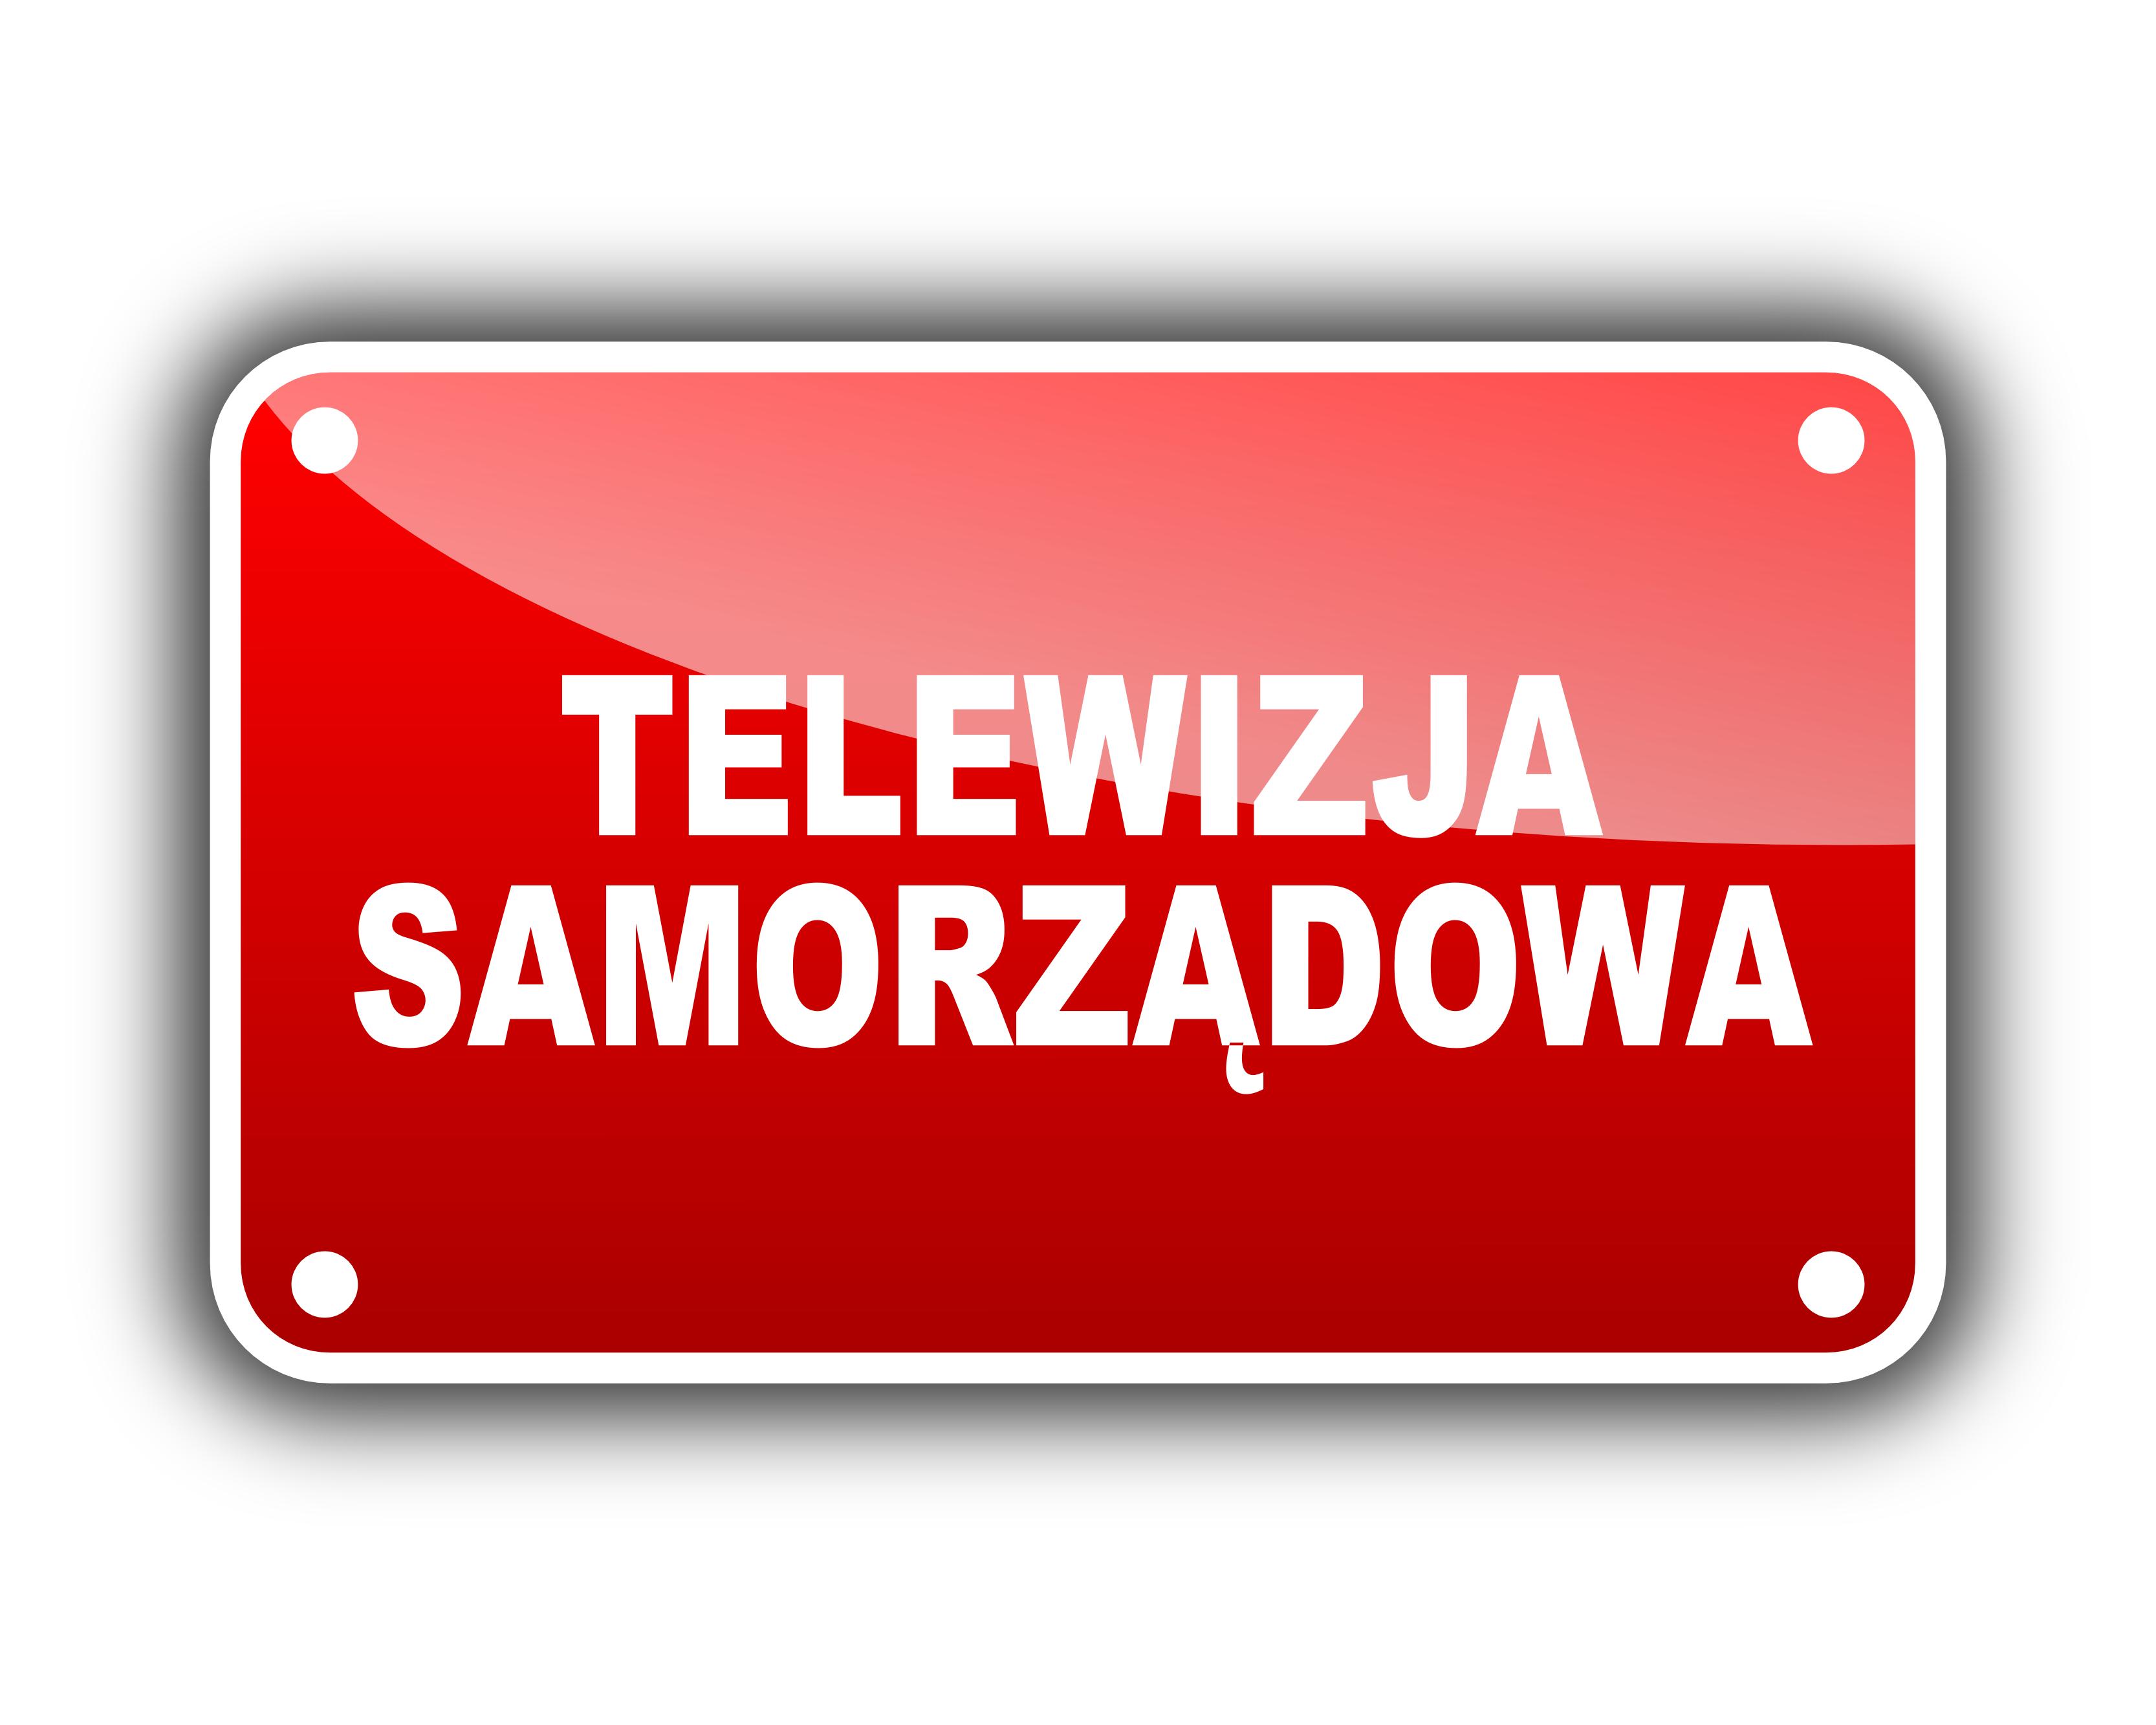 Telewizja Samorządowa